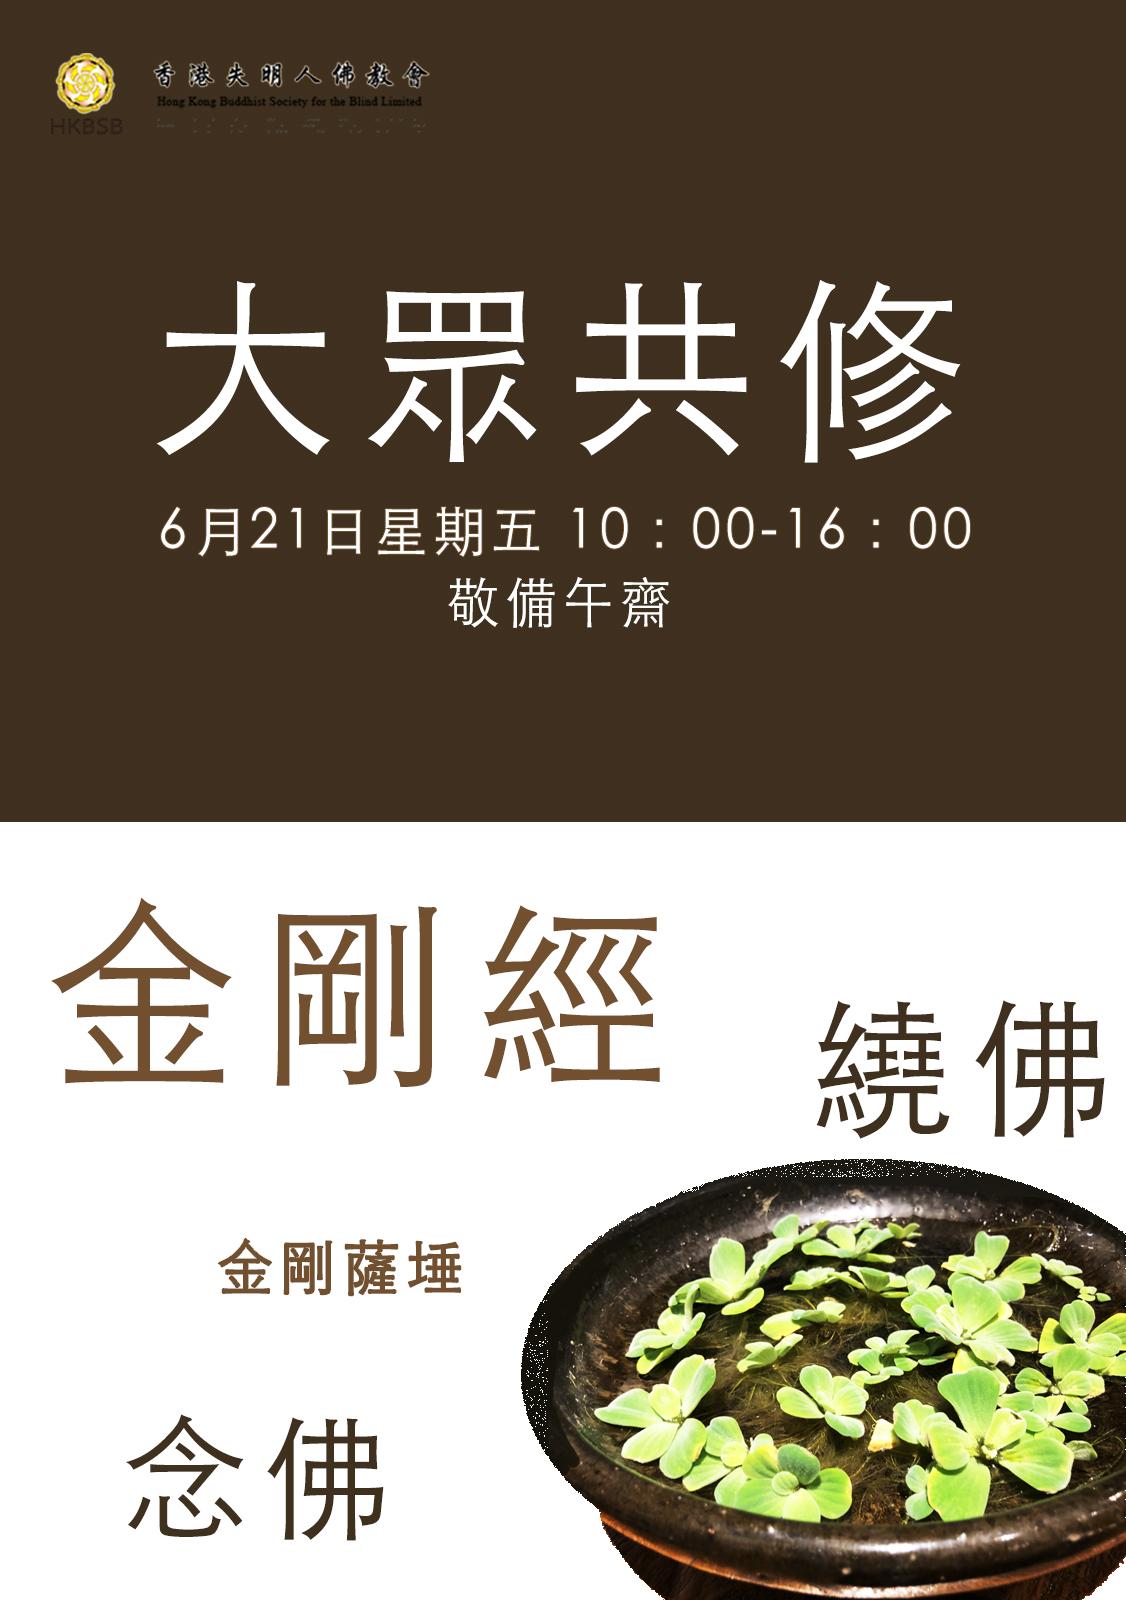 2019-6-21唸佛及金剛經共修法會